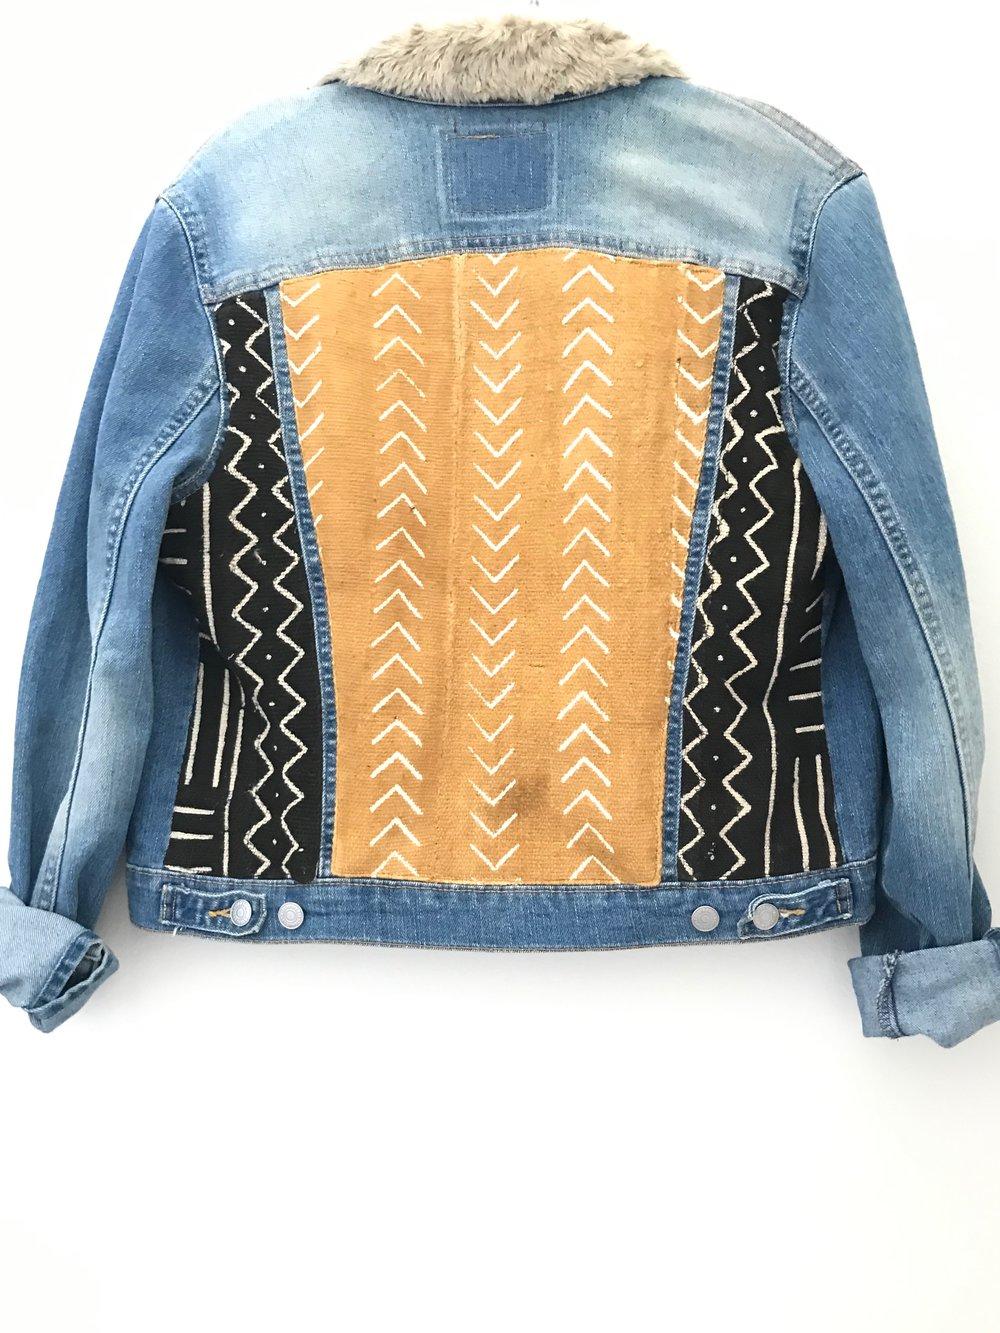 Black And Mustard Fur Collar Jean Jacket Annie Margot Designs